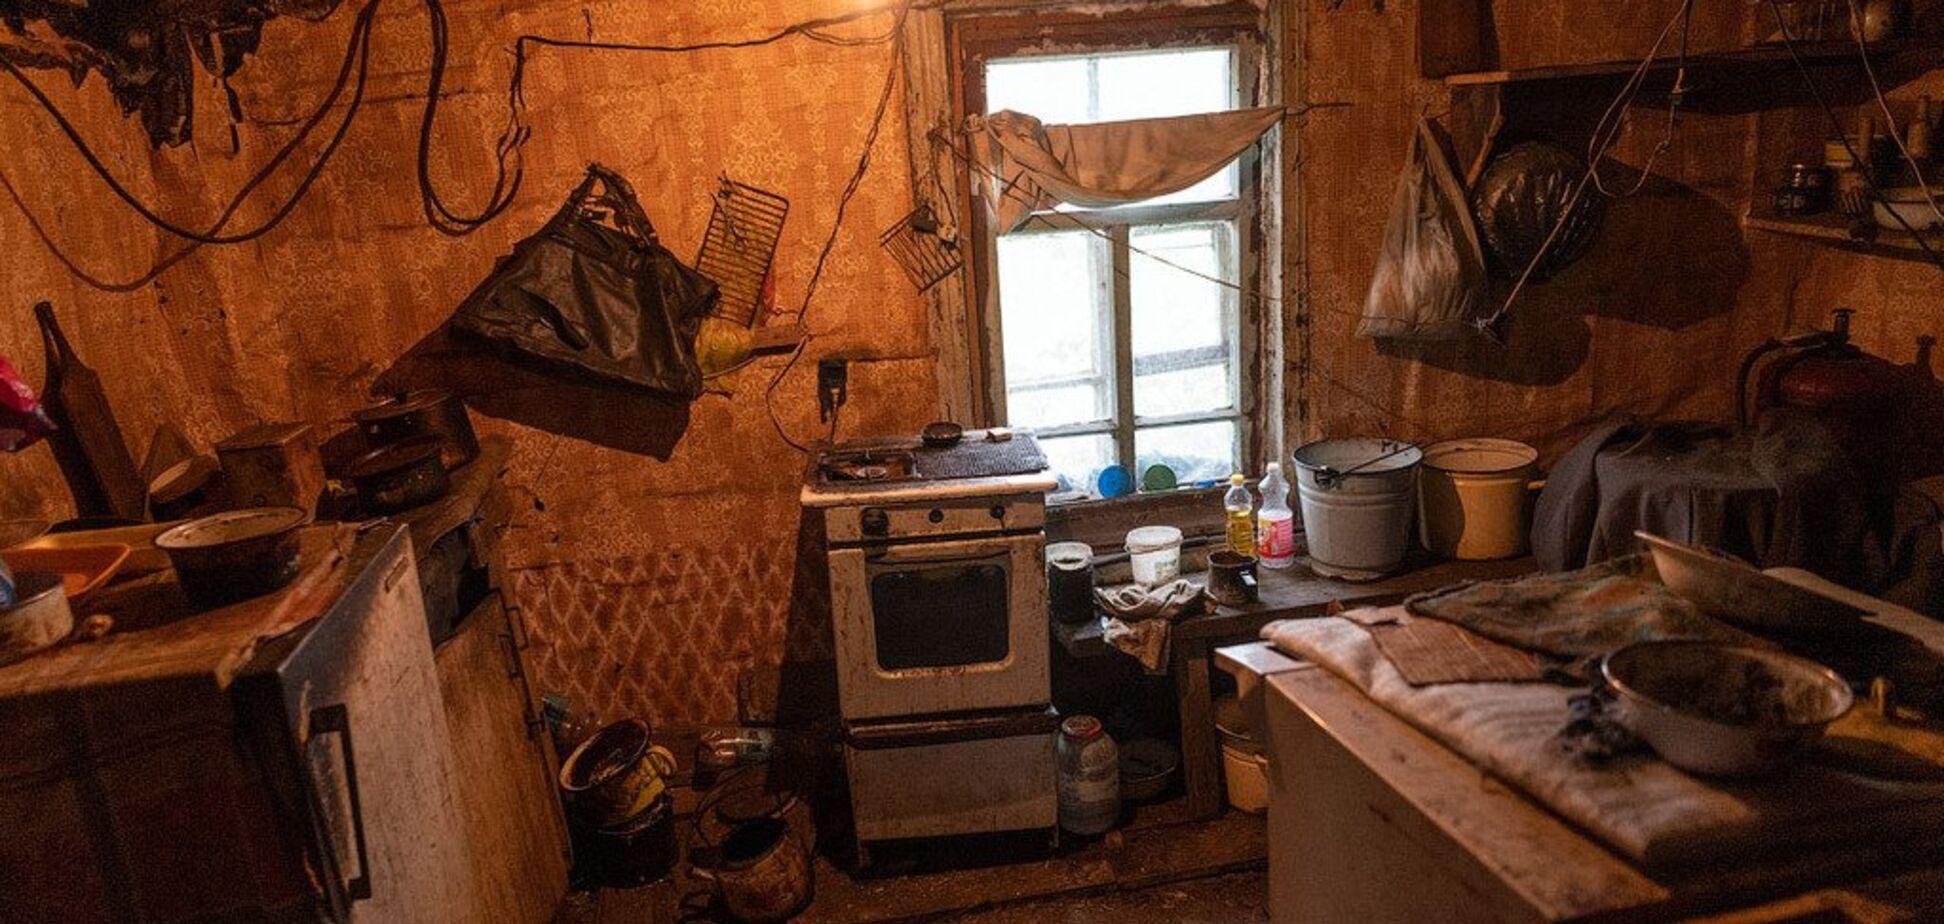 'А таких миллионы': фото из российской глубинки ужаснули сеть